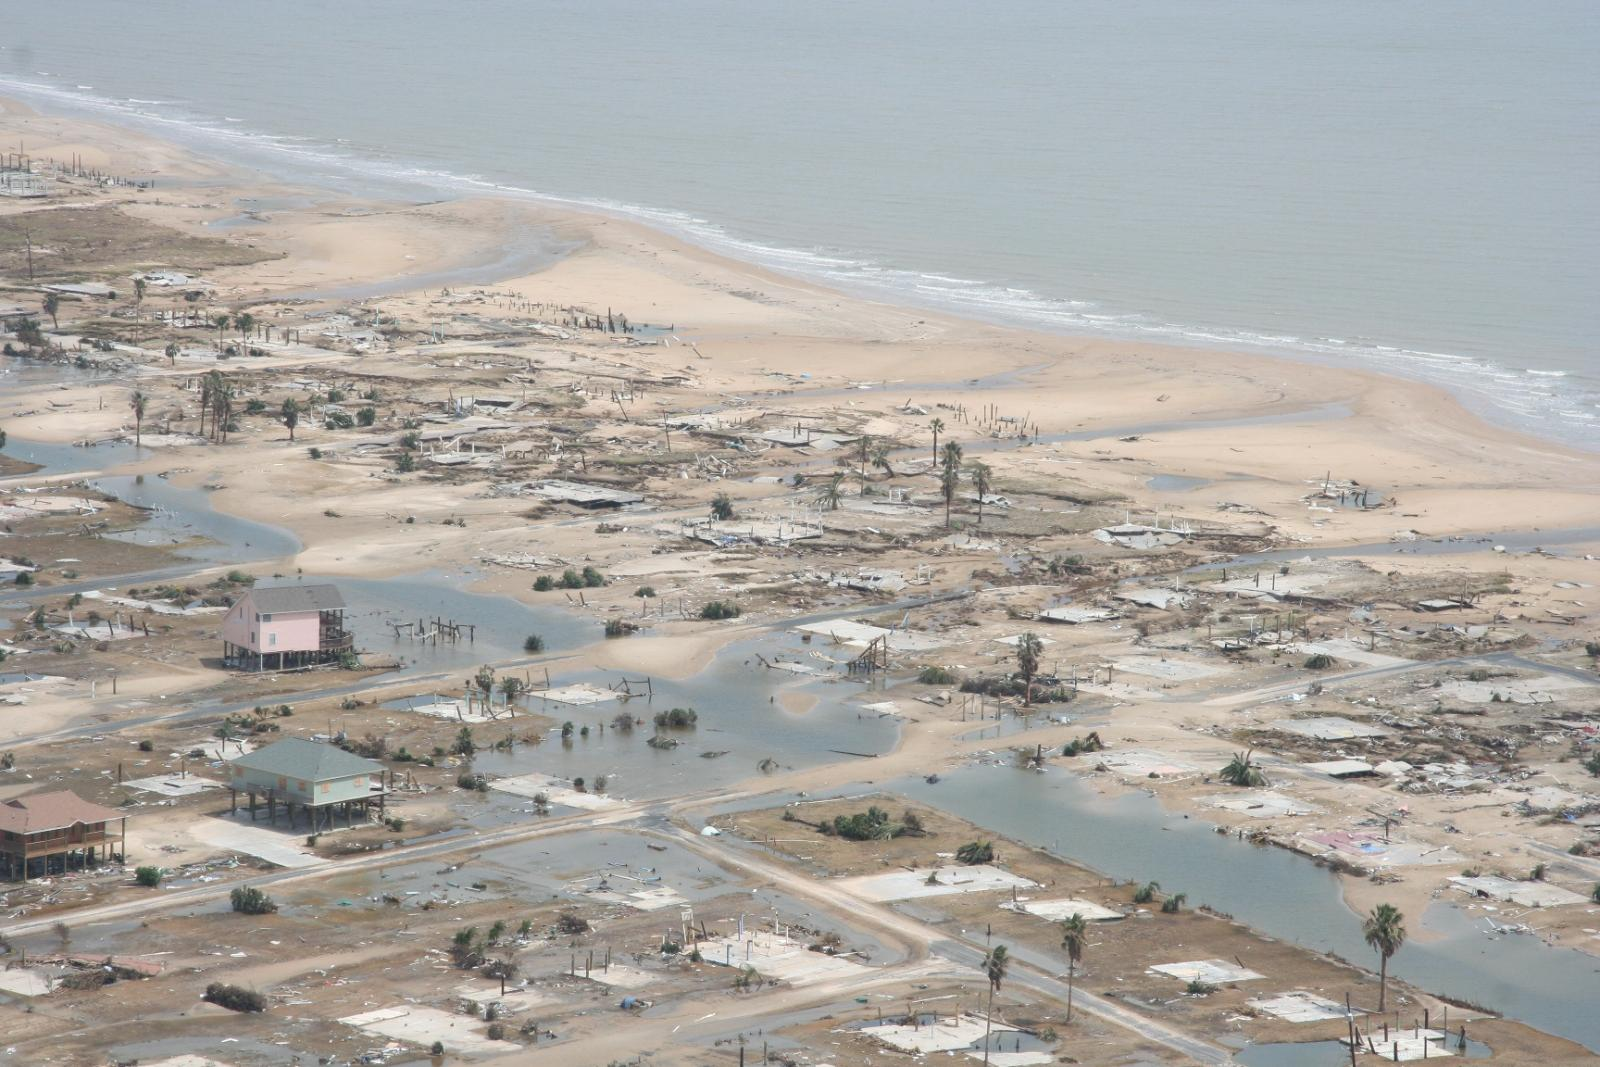 Bolivar Peninsula Damage